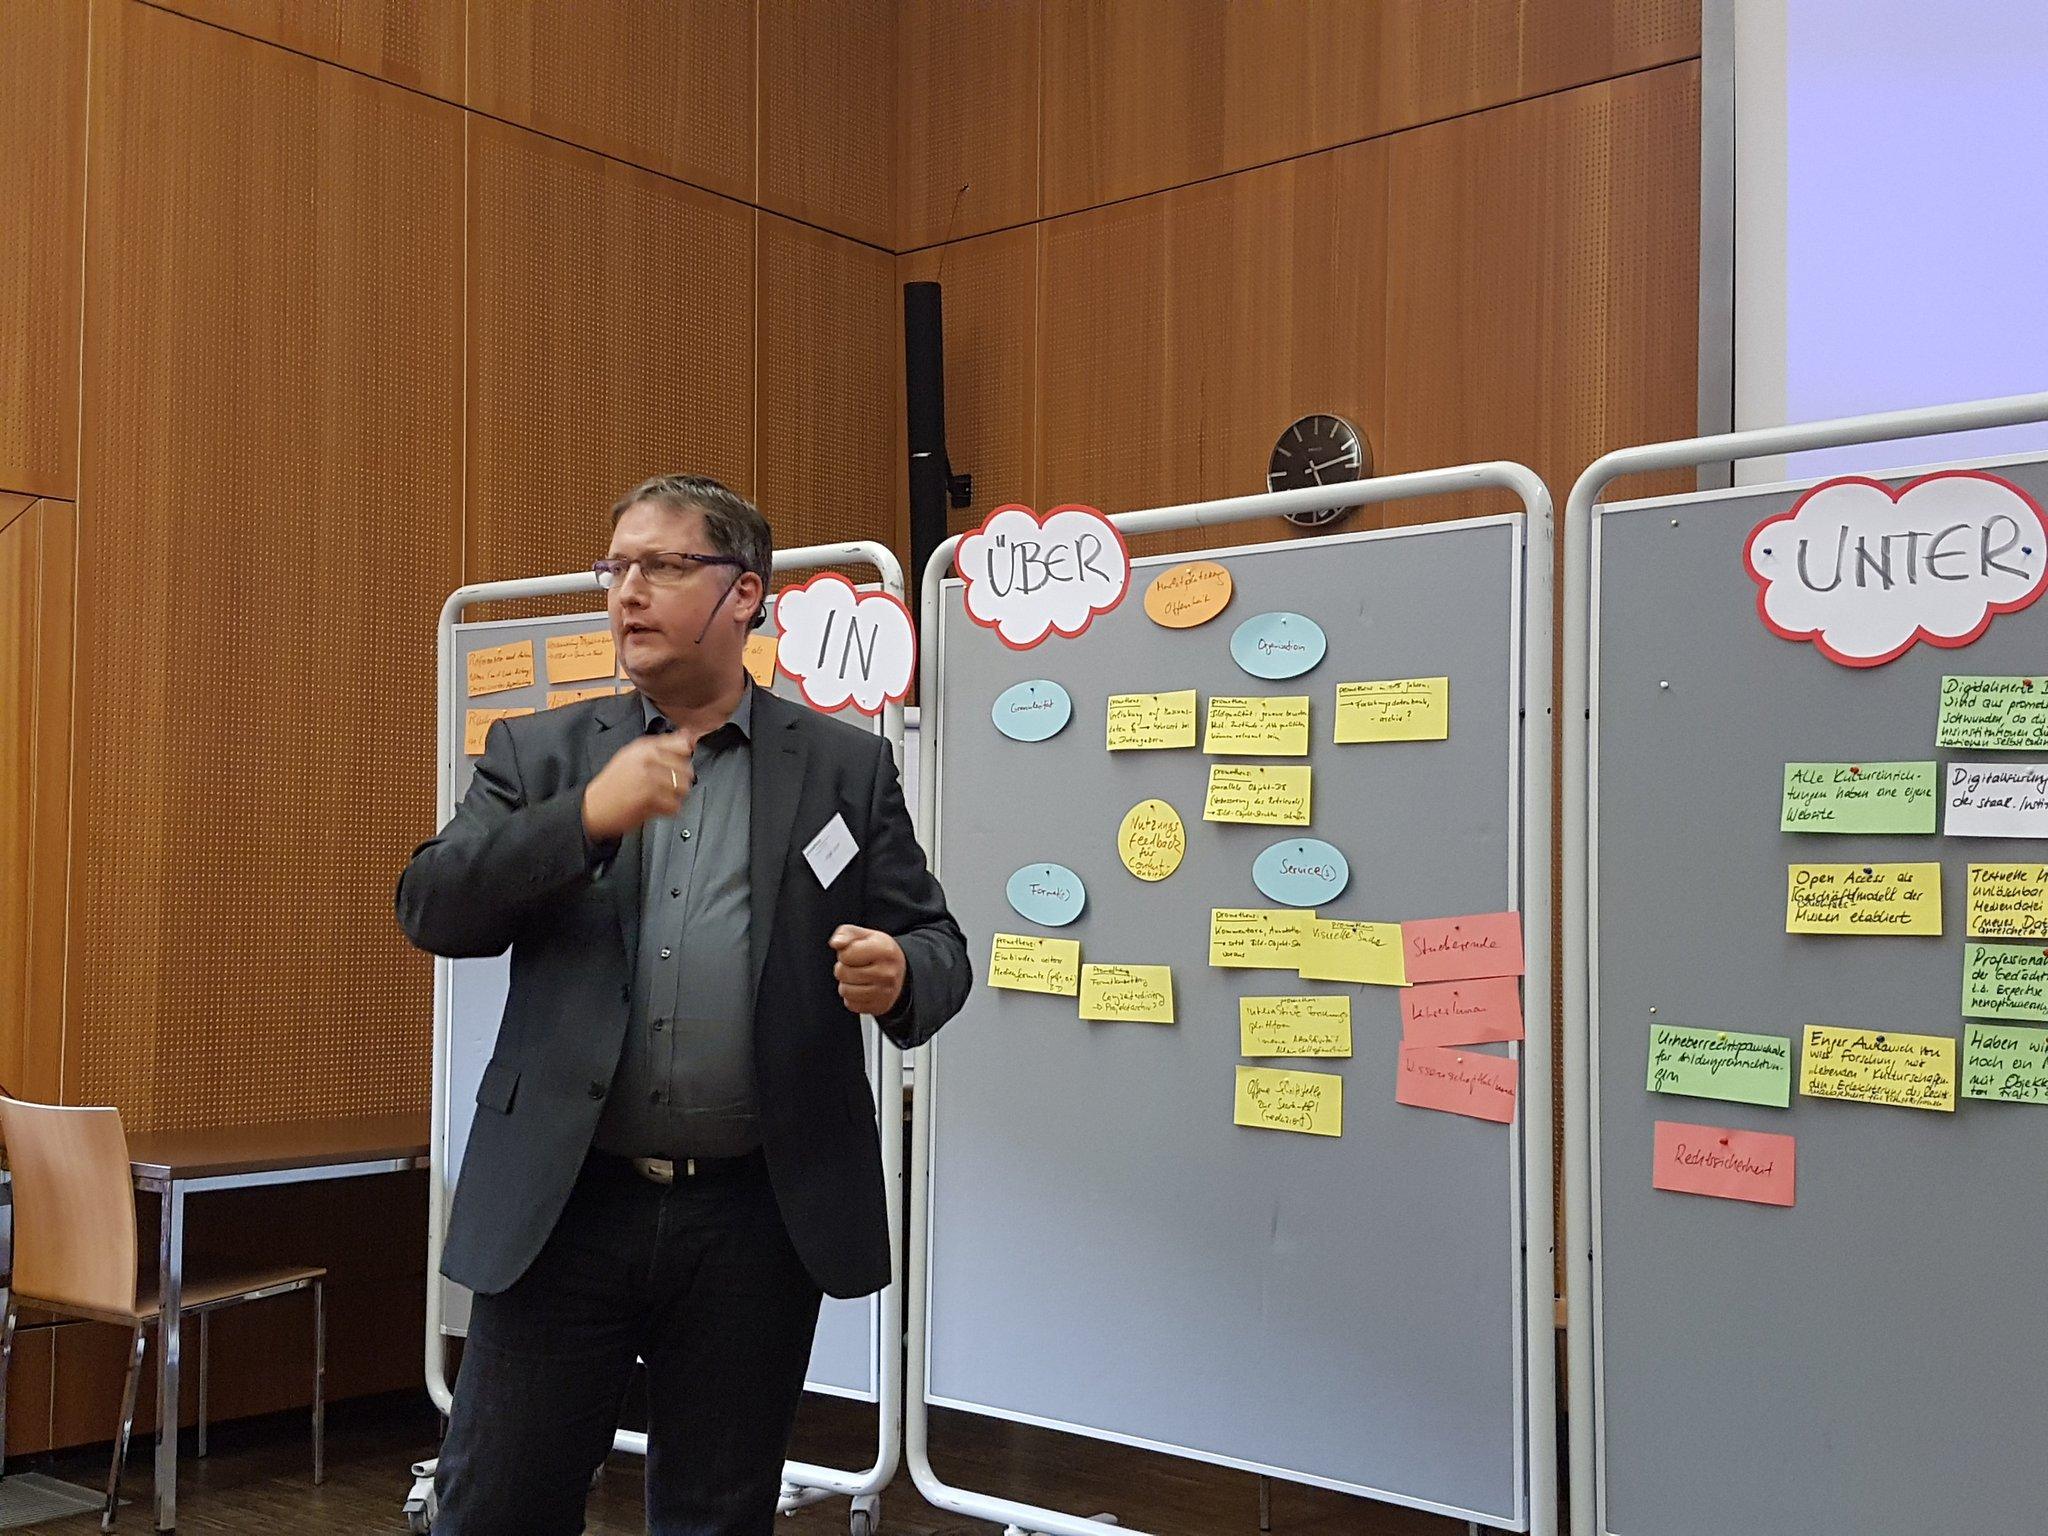 Holger Simon: wir werden uns in Zukunft als Wissenschaftler in 3D-Räumen treffen @Deckenmalerei #promtagung https://t.co/KsZs4KUKLt